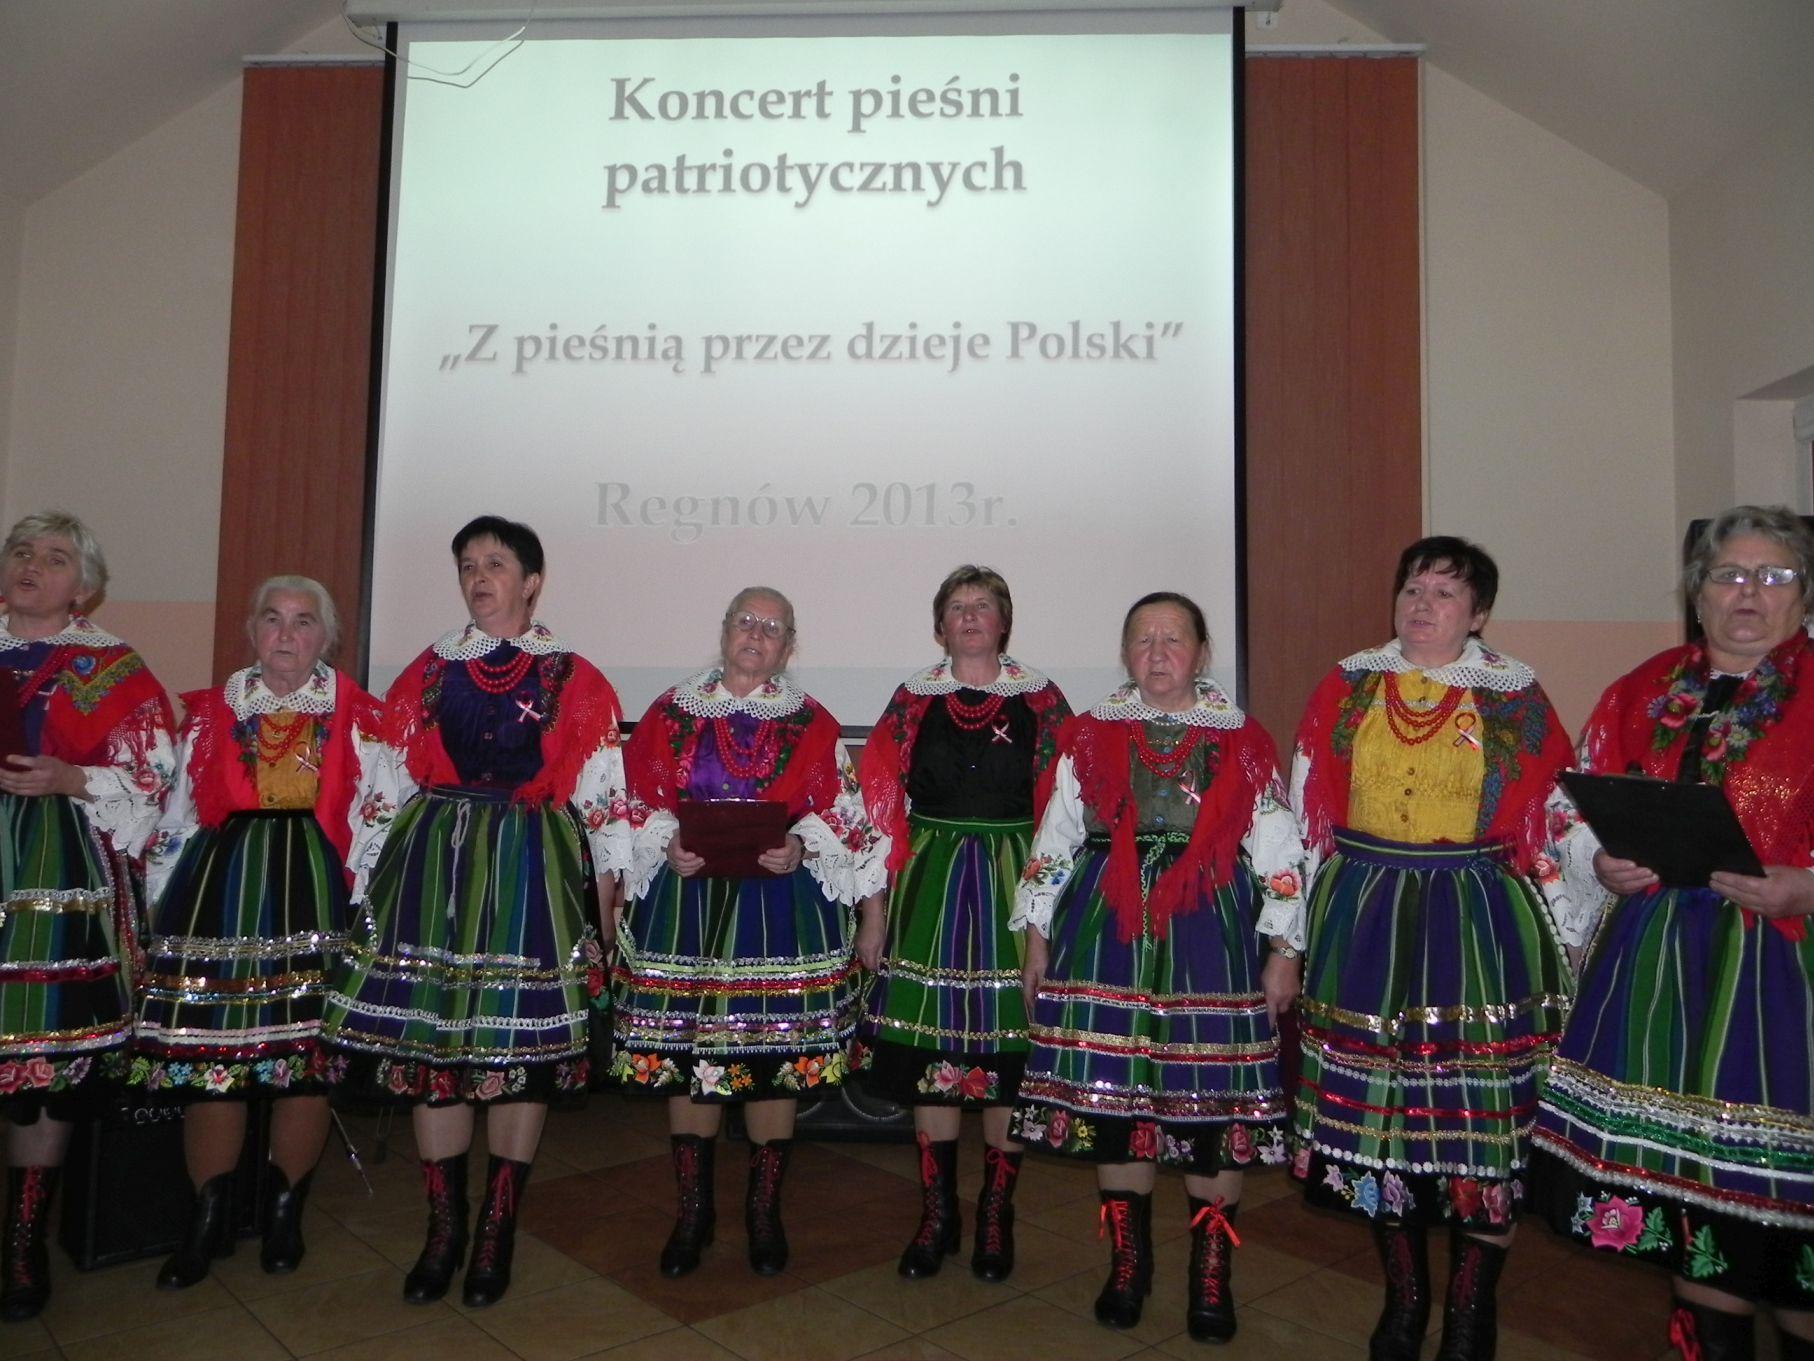 2013-11-09 11 listopada - Regnów (38)